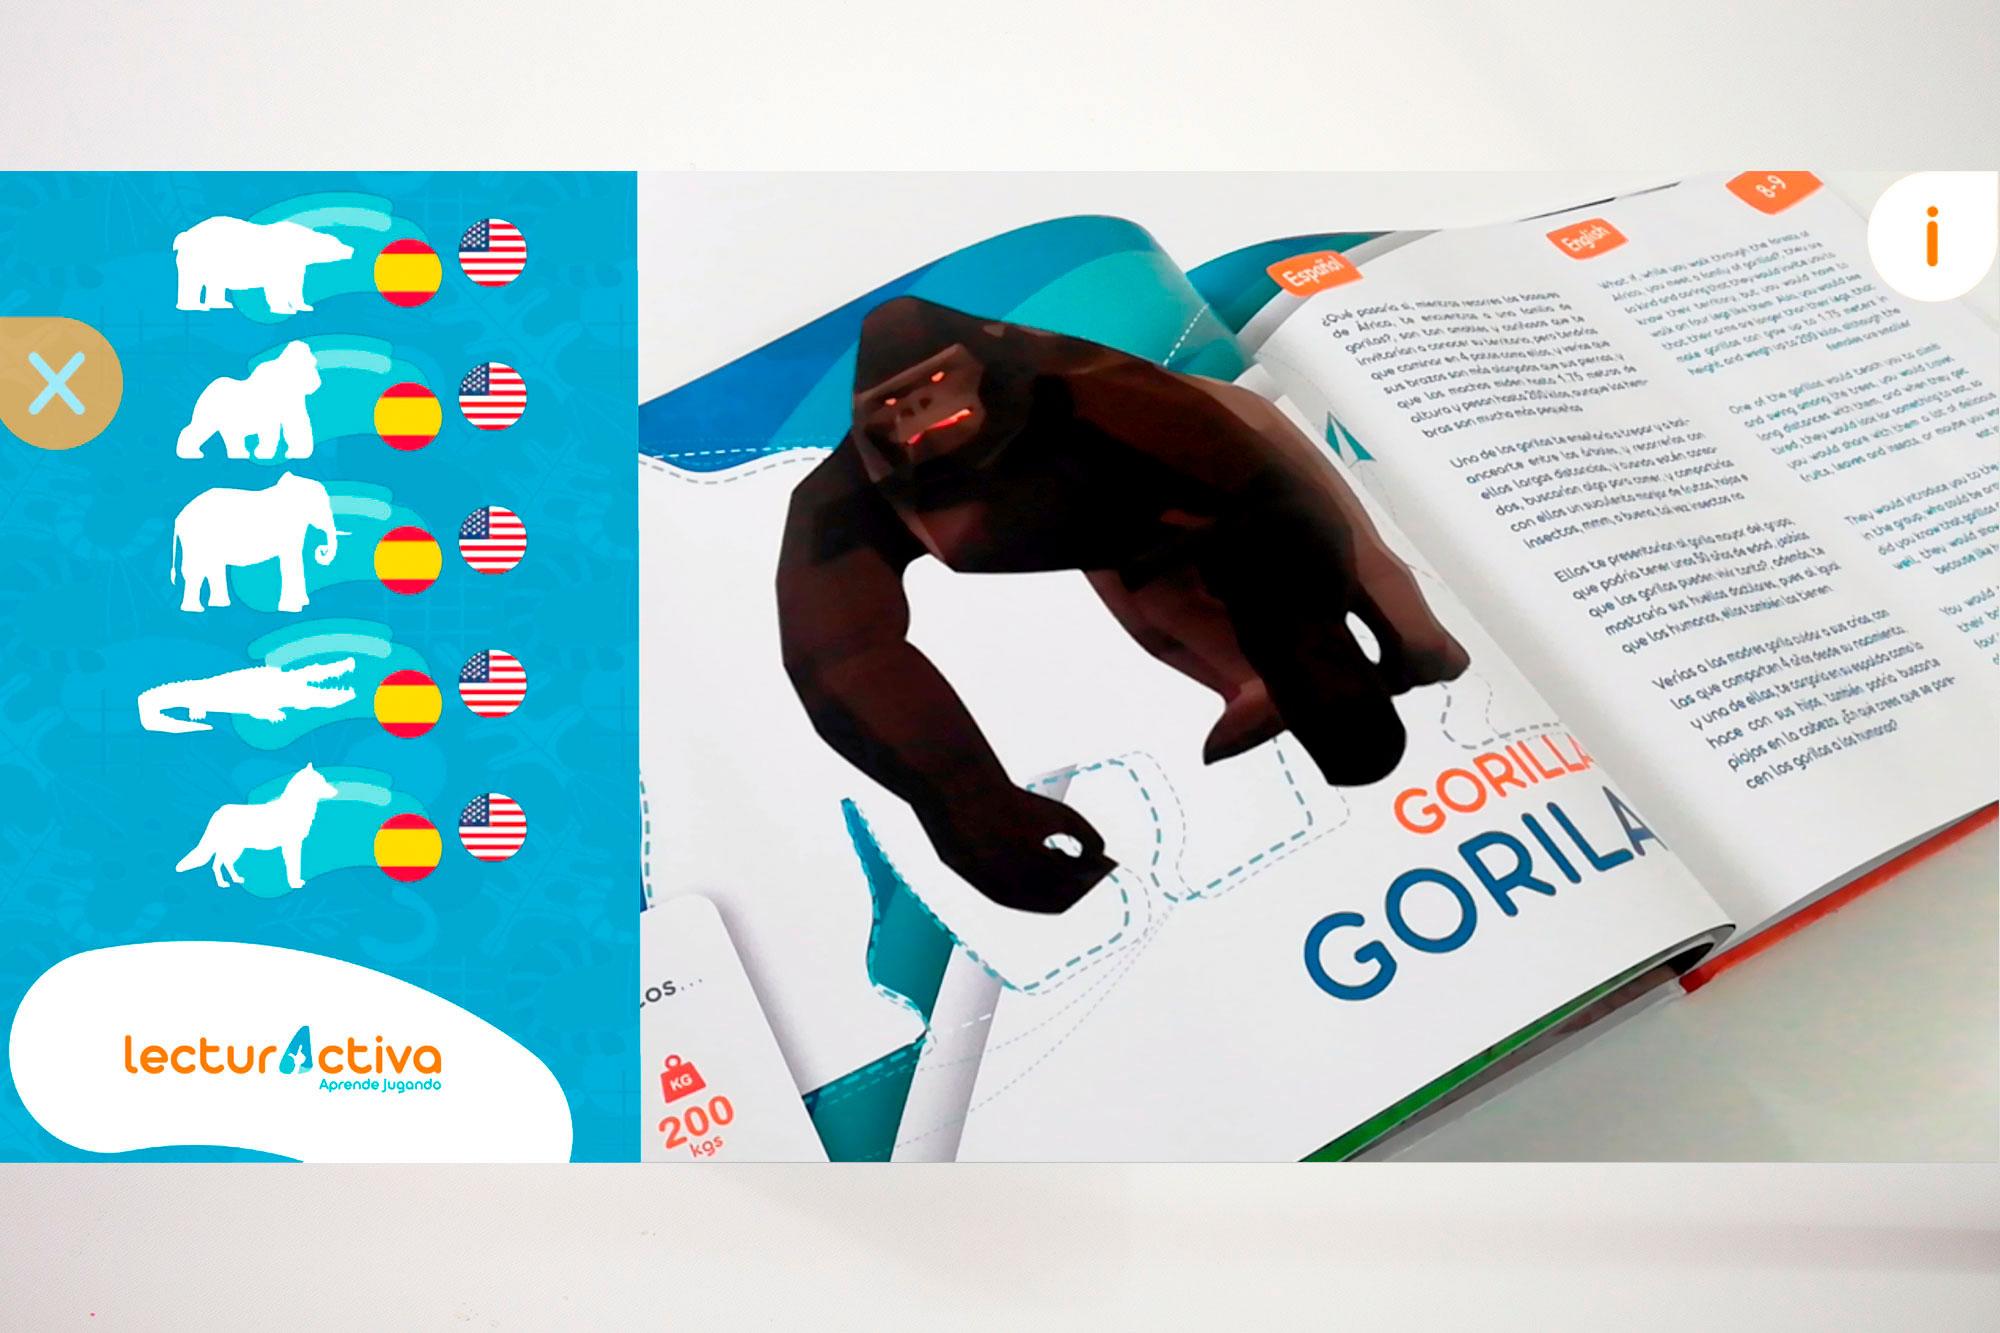 libros interactivos bilingues para niños y jovenes 3